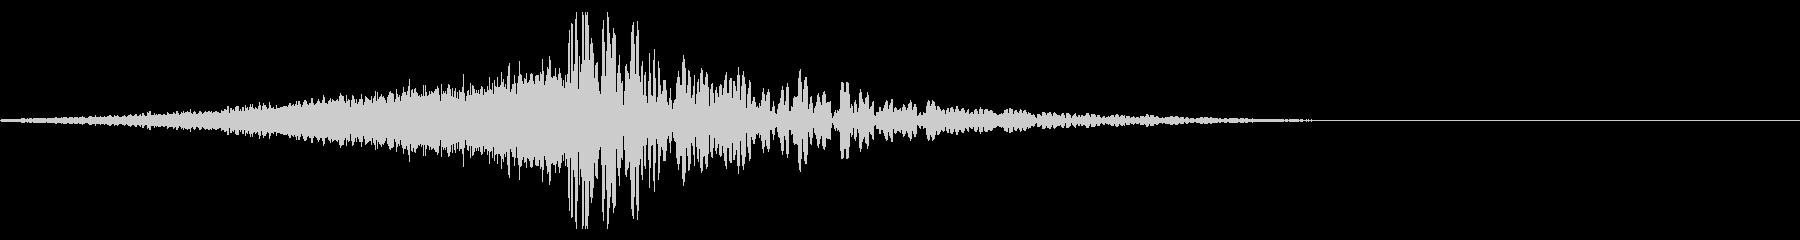 ホラー系アタック音121の未再生の波形